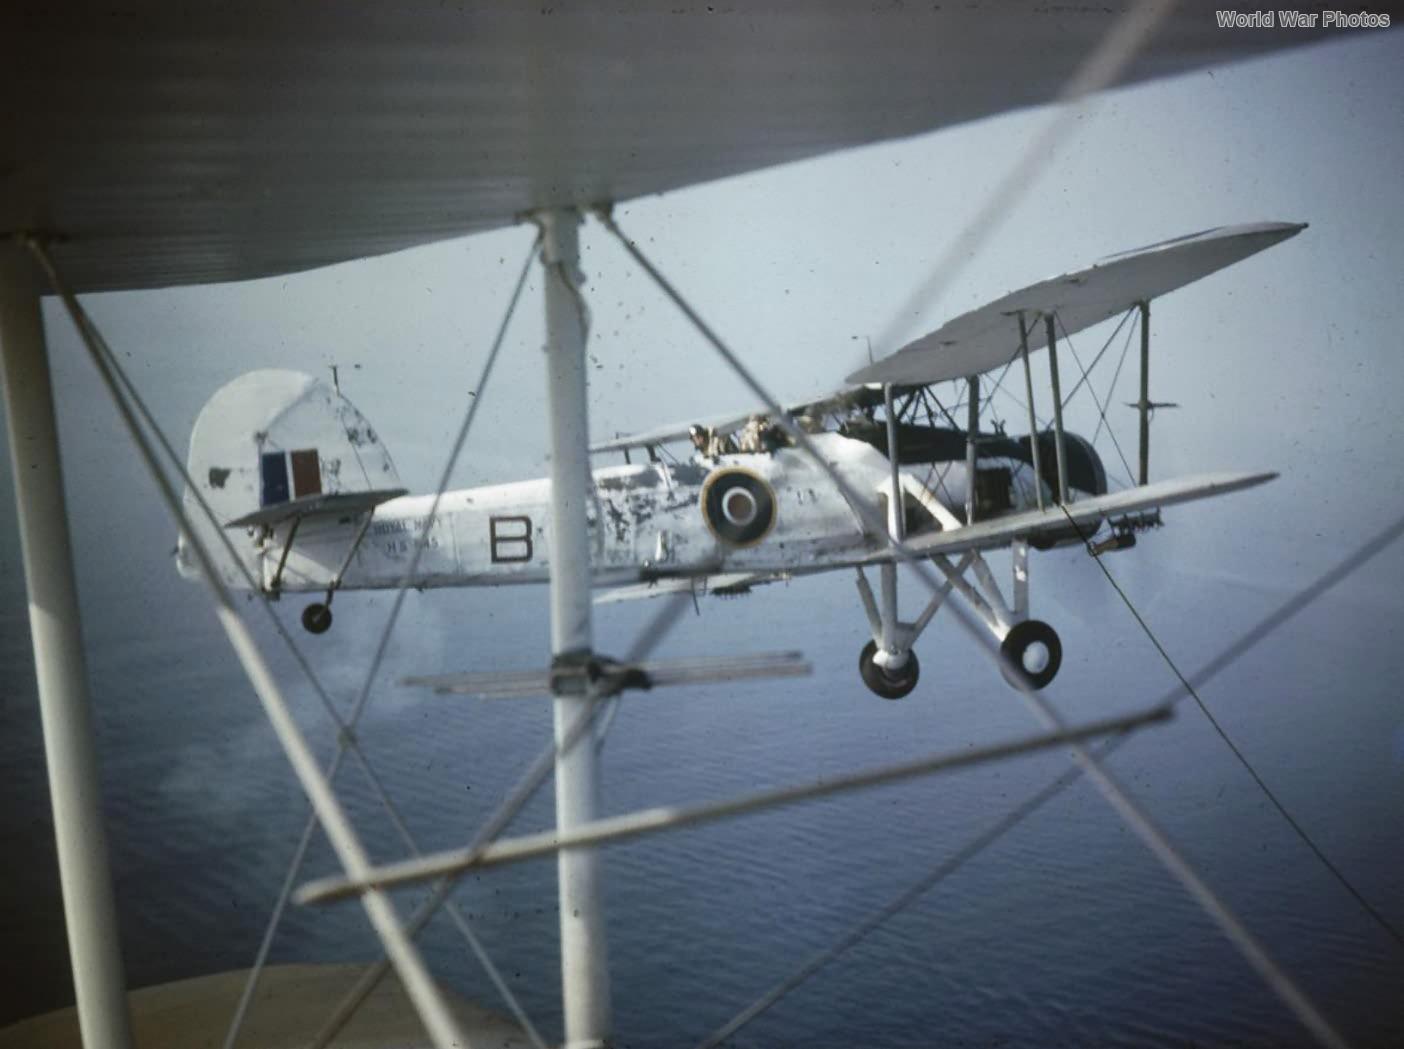 Swordfish Mk II HS545 of No. 824 Sqn